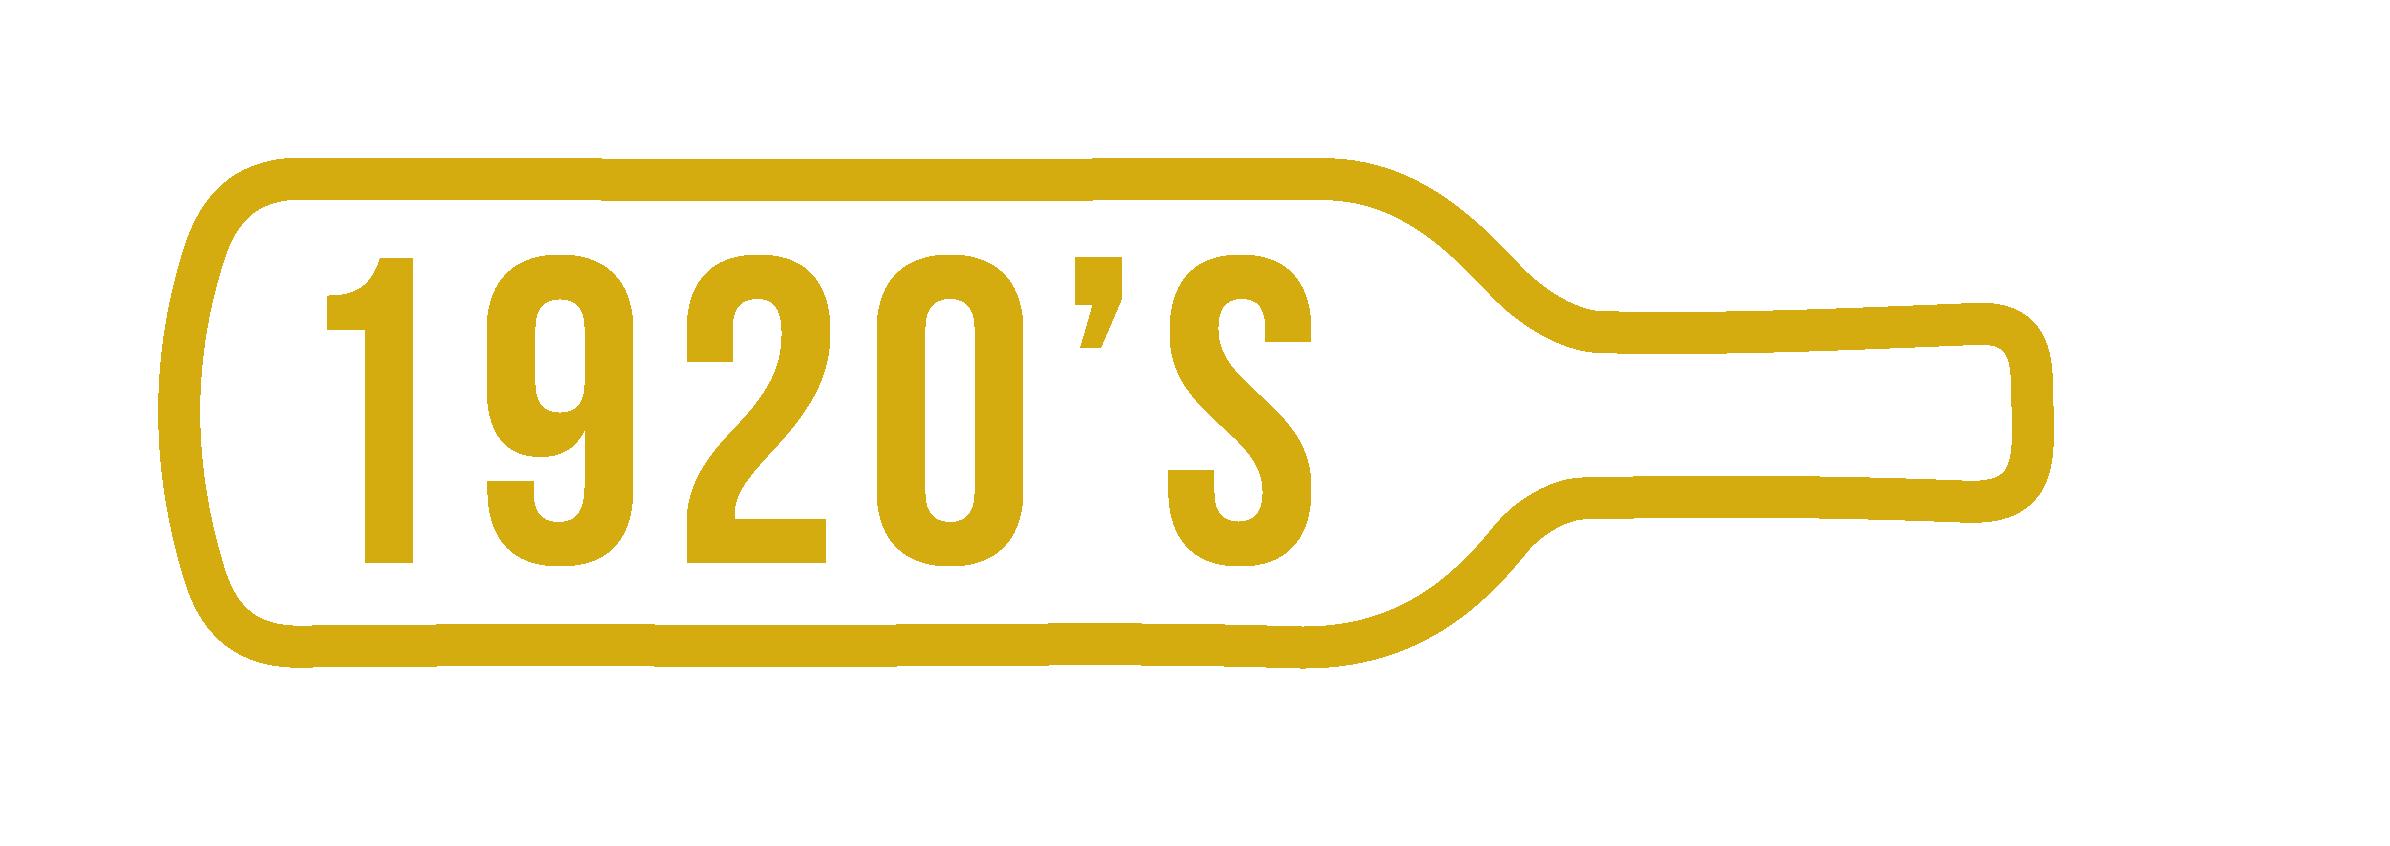 Créez vous-même votre coffret vin anniversaire millésime 1920 à 1929